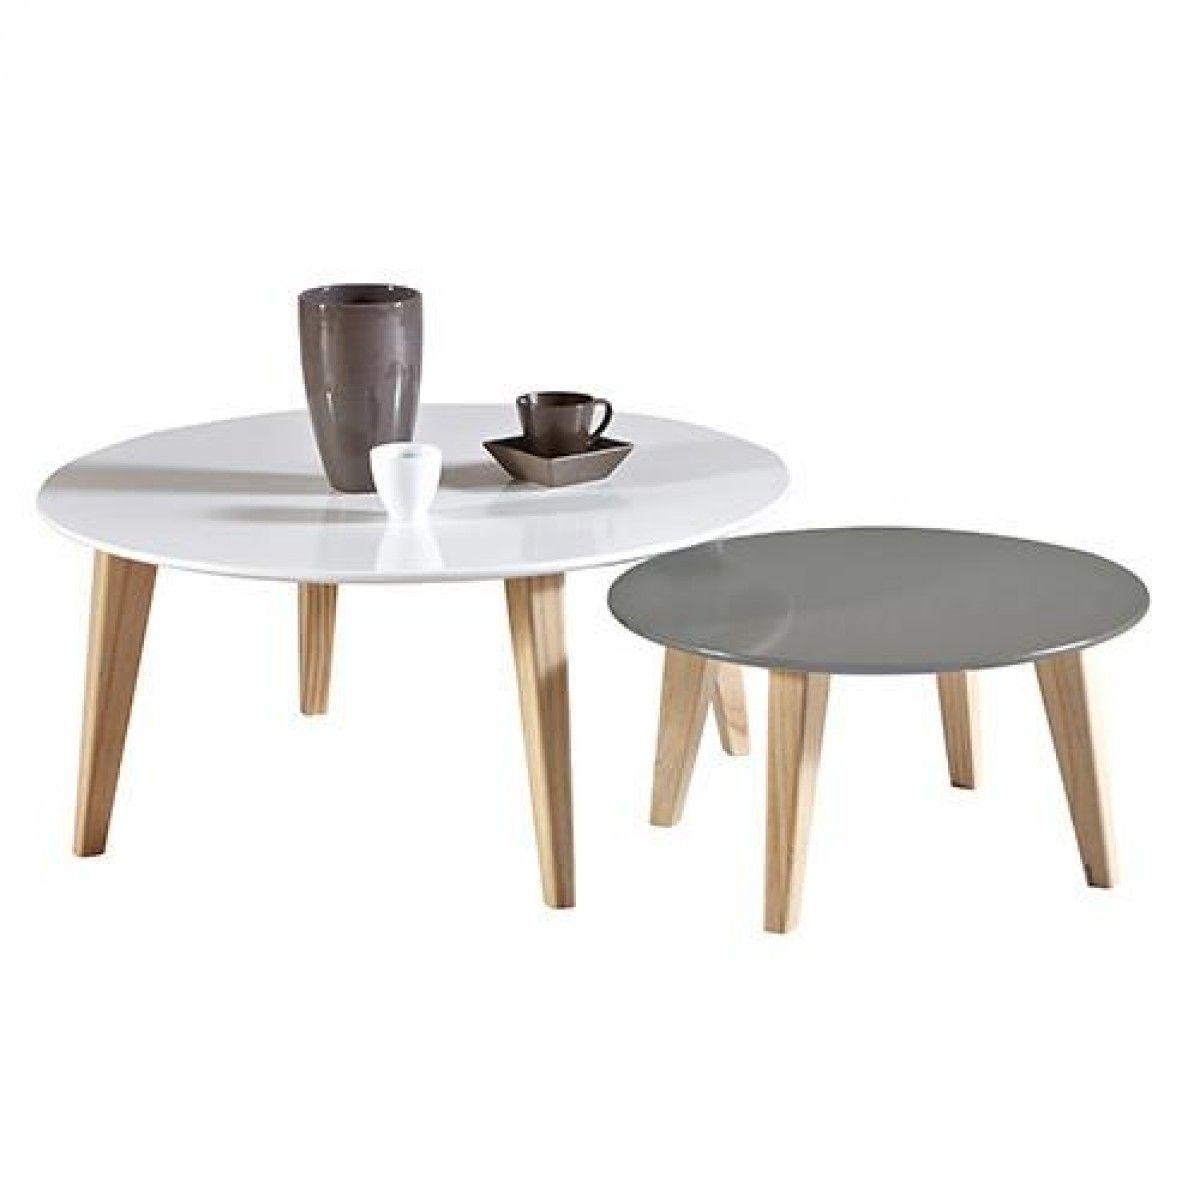 599 00 זוג שולחנות סלון בעיצוב מודרני תוצרת צרפת דגם ברלין Scandi Coffee Table Coffee Table Coffee Table To Dining Table [ 1200 x 1200 Pixel ]